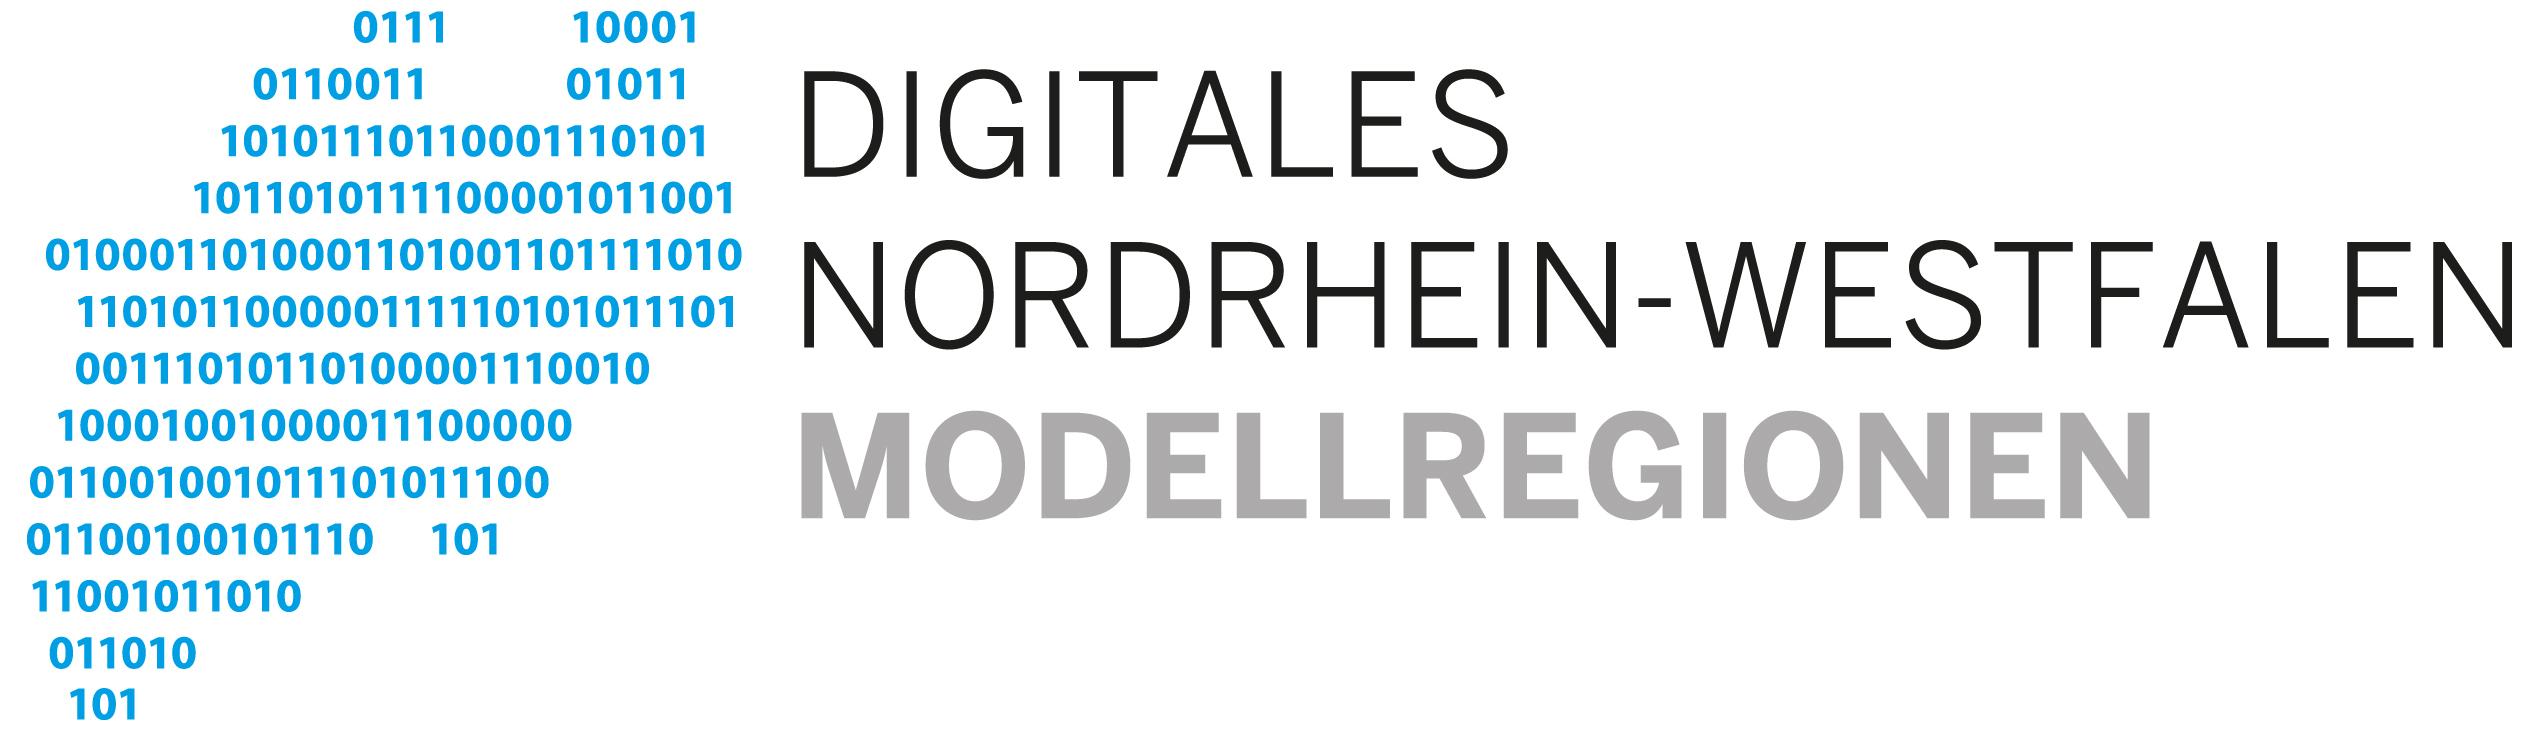 Im Rahmen des Förderprogramms Digitale Modellregion - Stadt Aachen und Städteregion Aachen des Ministeriums für Wirtschaft, Innovation, Digitalisierung und Energie des Landes NRW